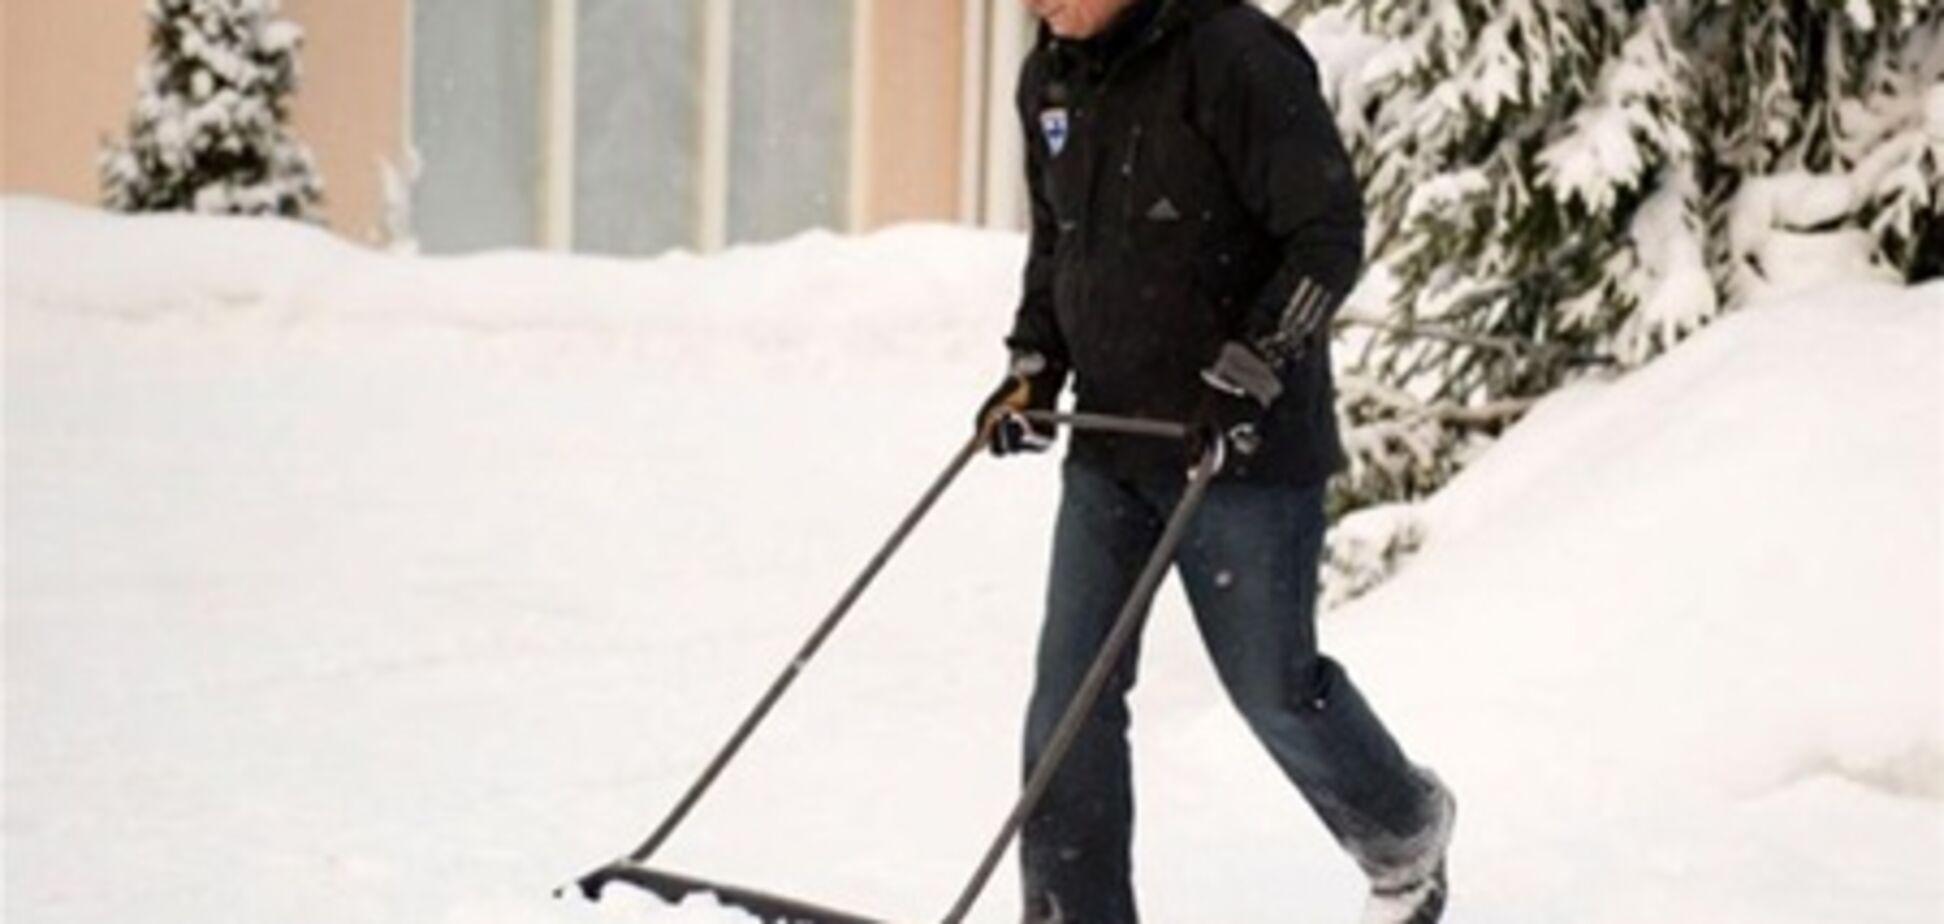 Президент Фінляндії лопатою прибирає сніг на вулиці